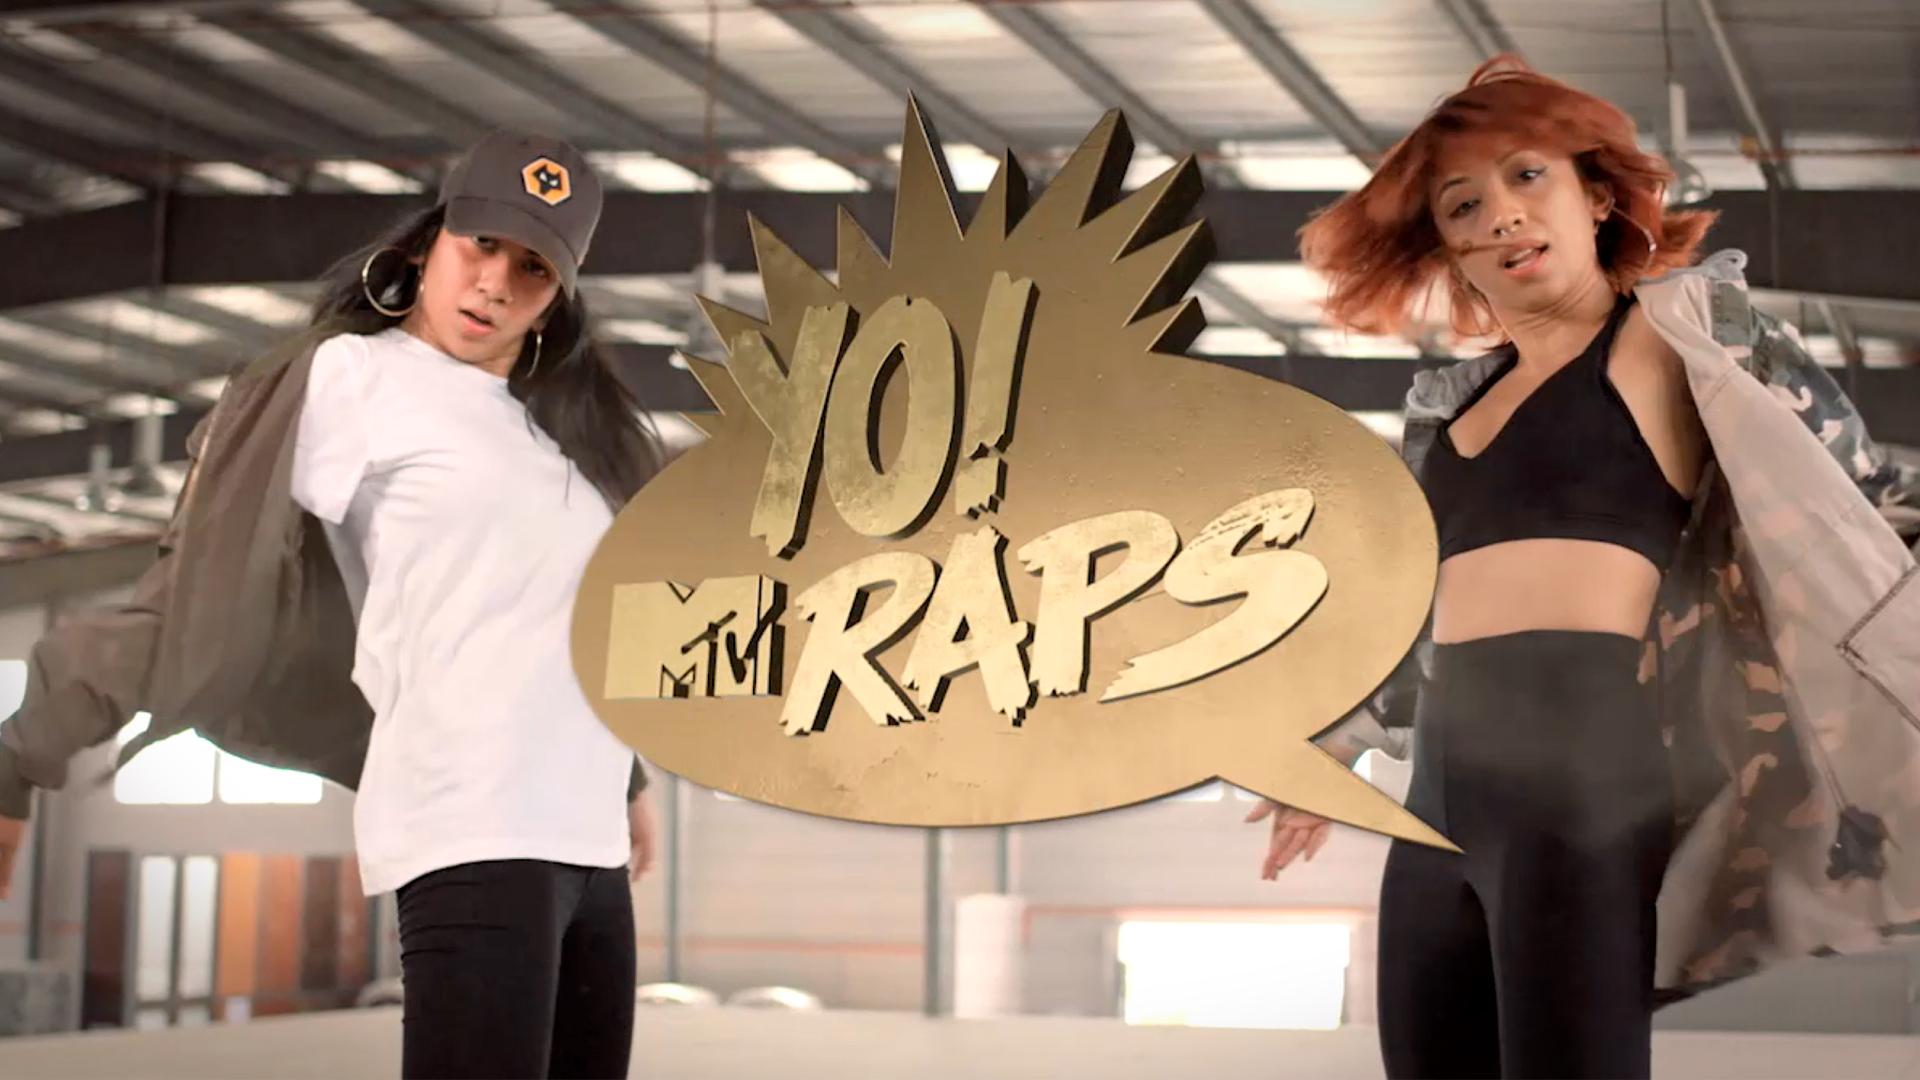 YO! MTV RAPS TV PILOT / 2018 / TV Series